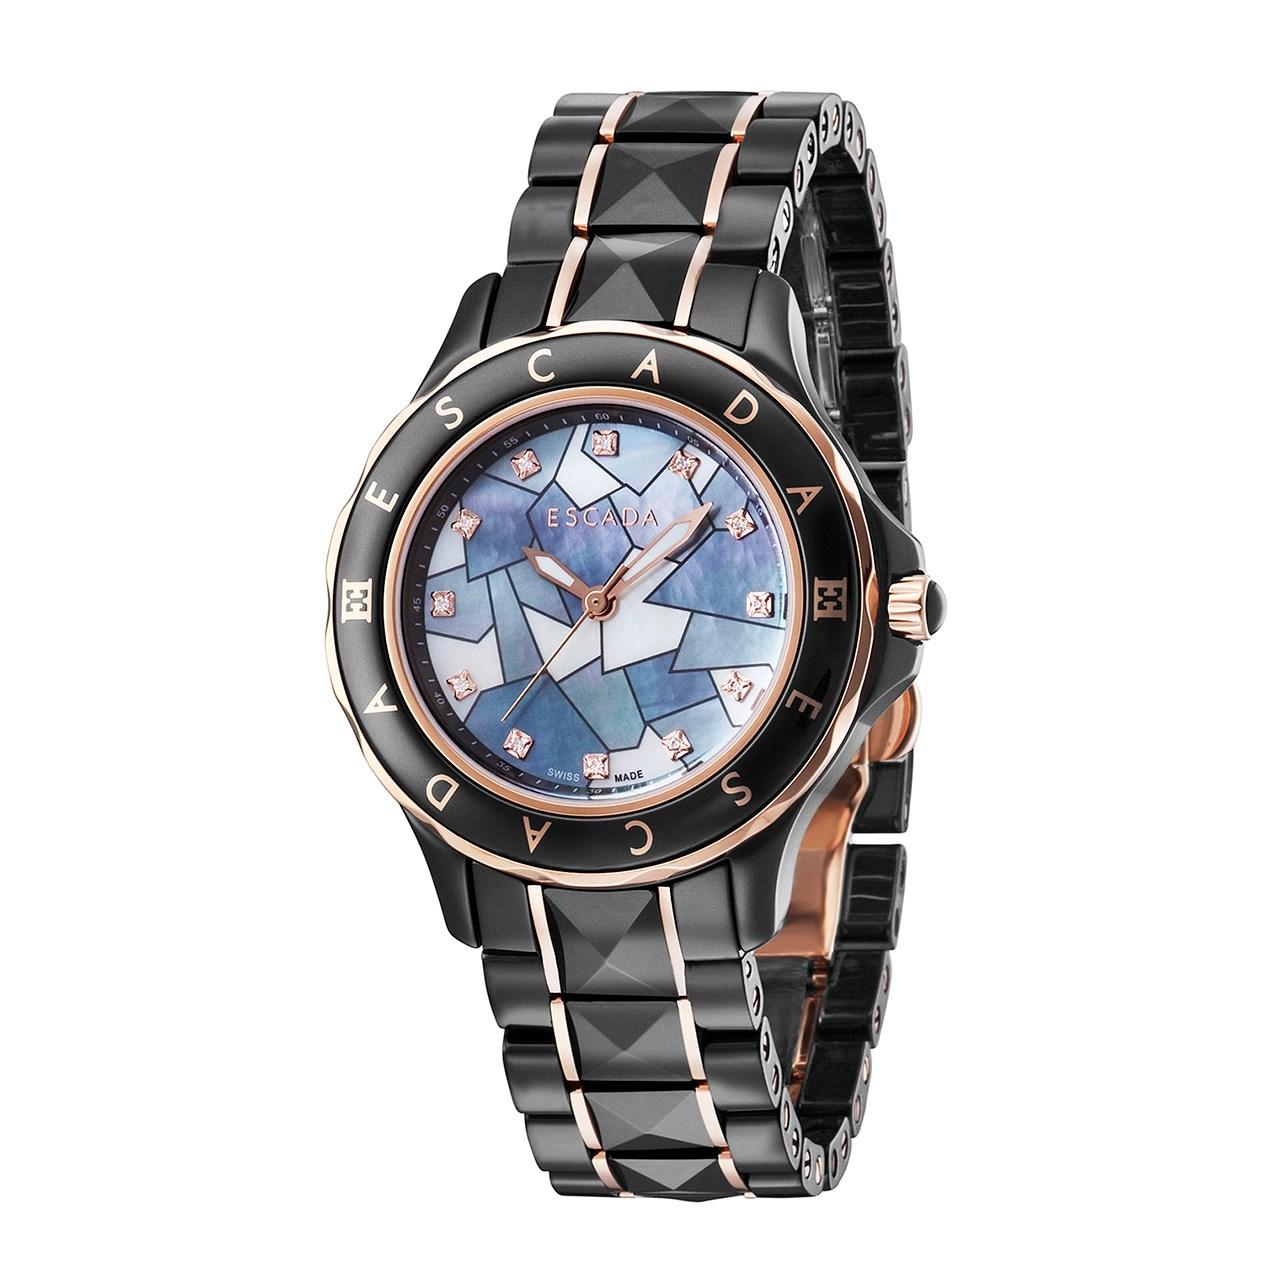 ساعت مچی عقربه ای زنانه اسکادا مدل EW4165083